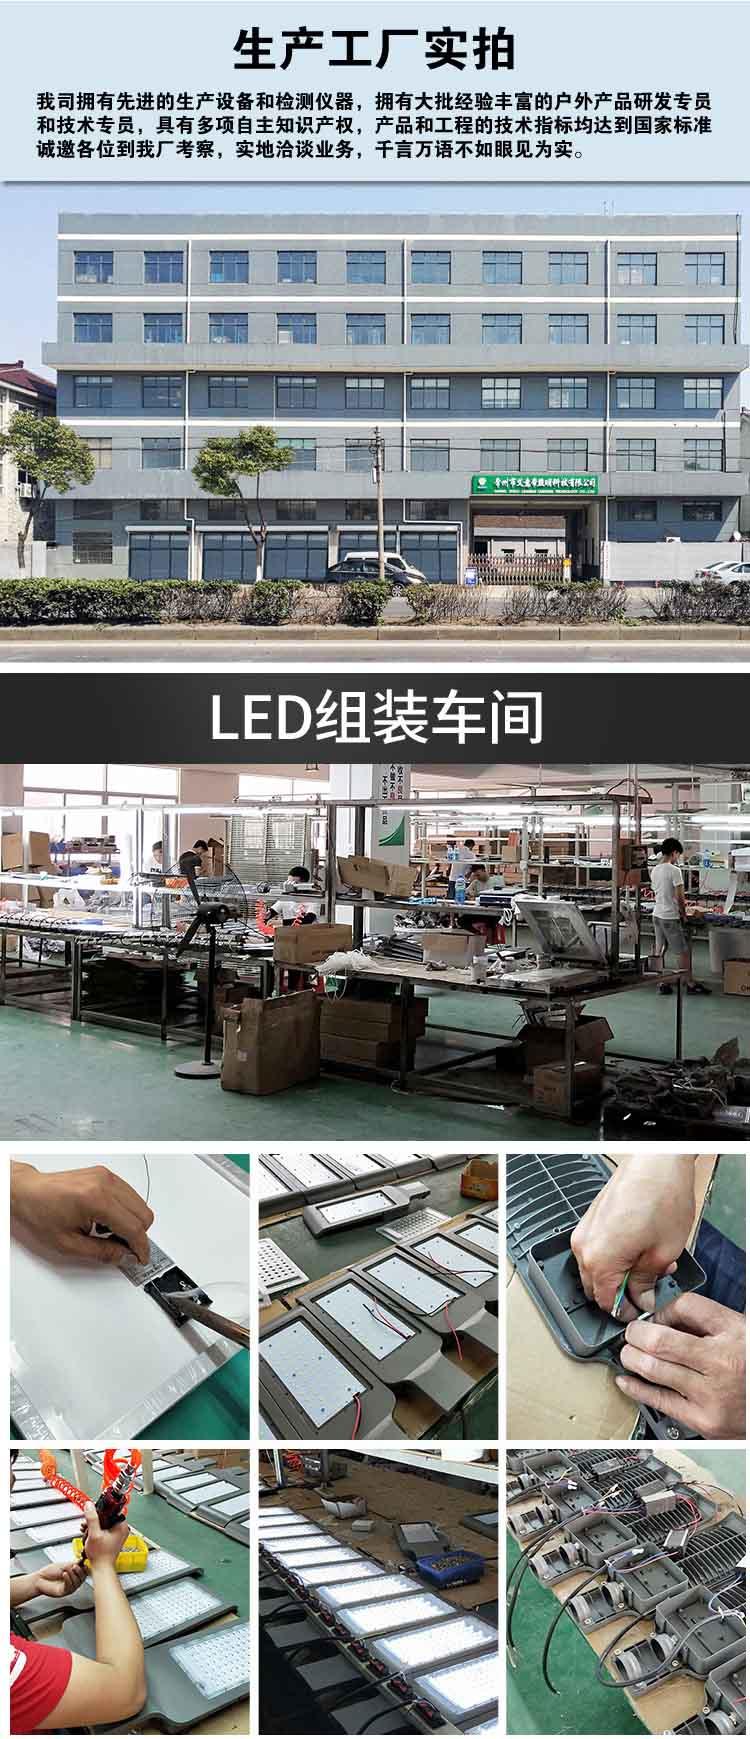 怀远县玉盛路灯厂太阳能路灯批发怎么样效果怎么样?